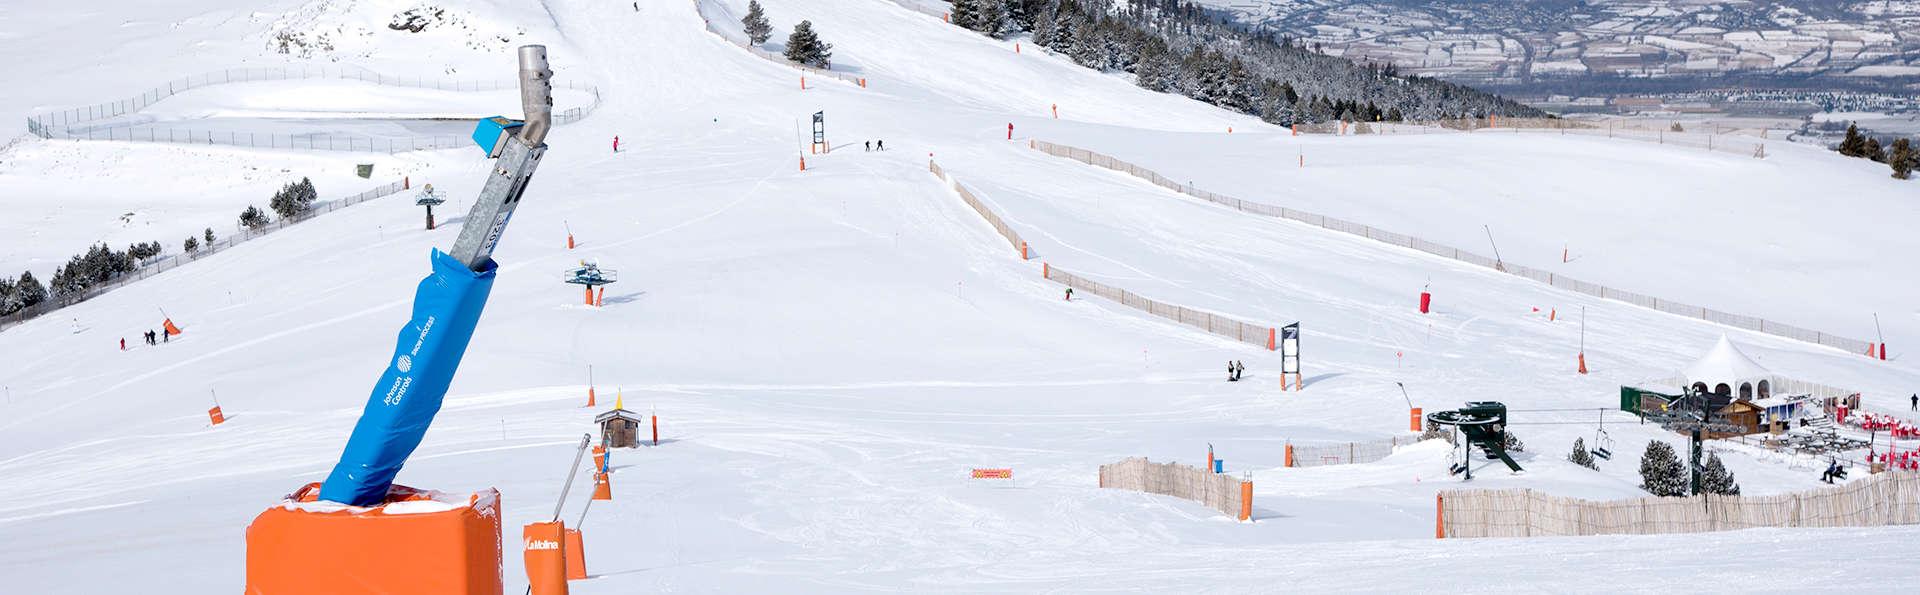 Descubre lo mejor del Pirineo Catalan con esta escapada a la nieve